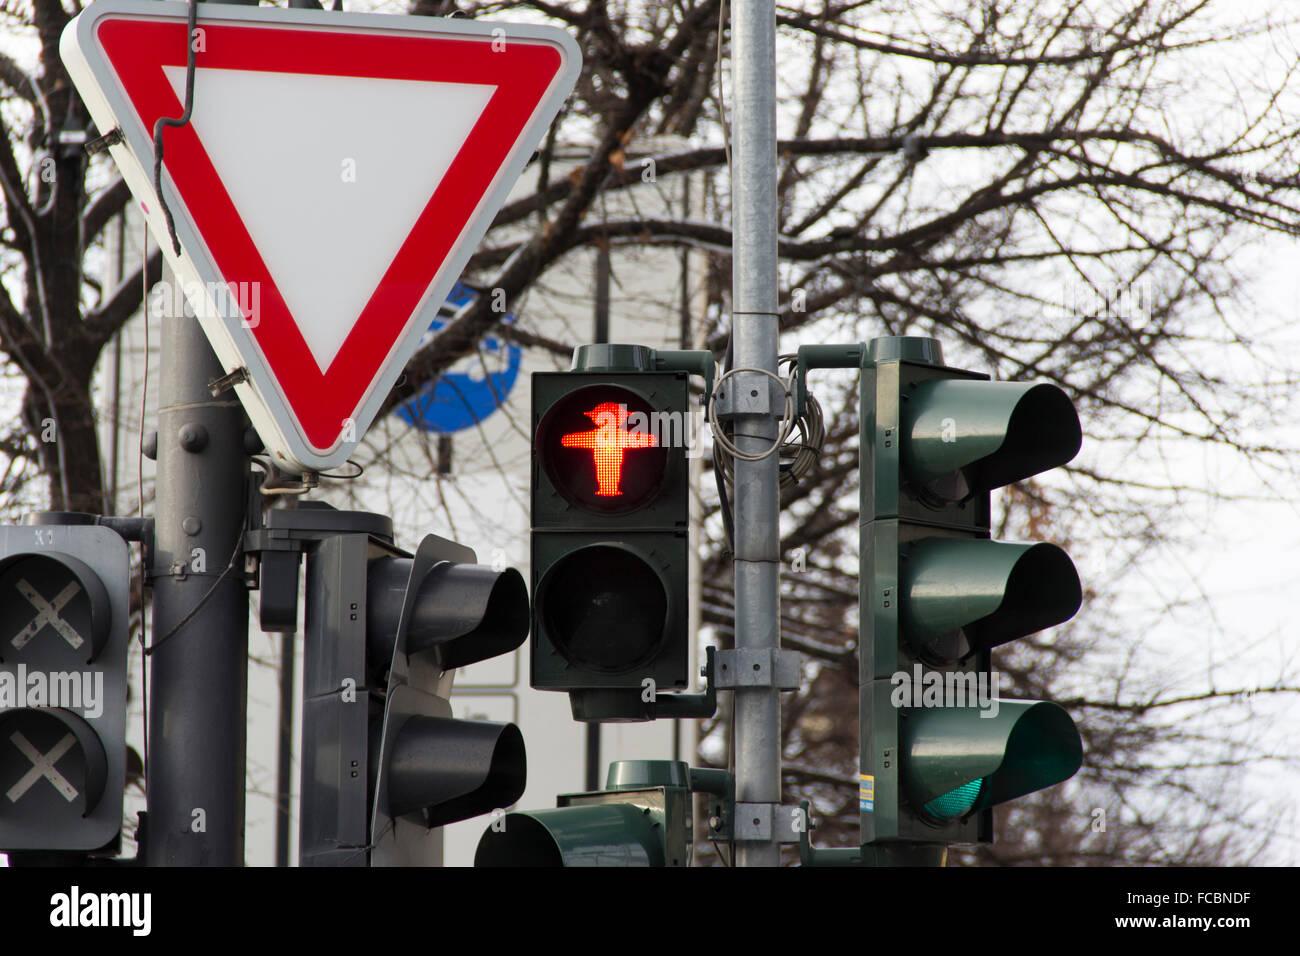 Luce di traffico, la città, la luce rossa, street, caotico, caos, triangolo, transito, arteria, smashup, segno Immagini Stock